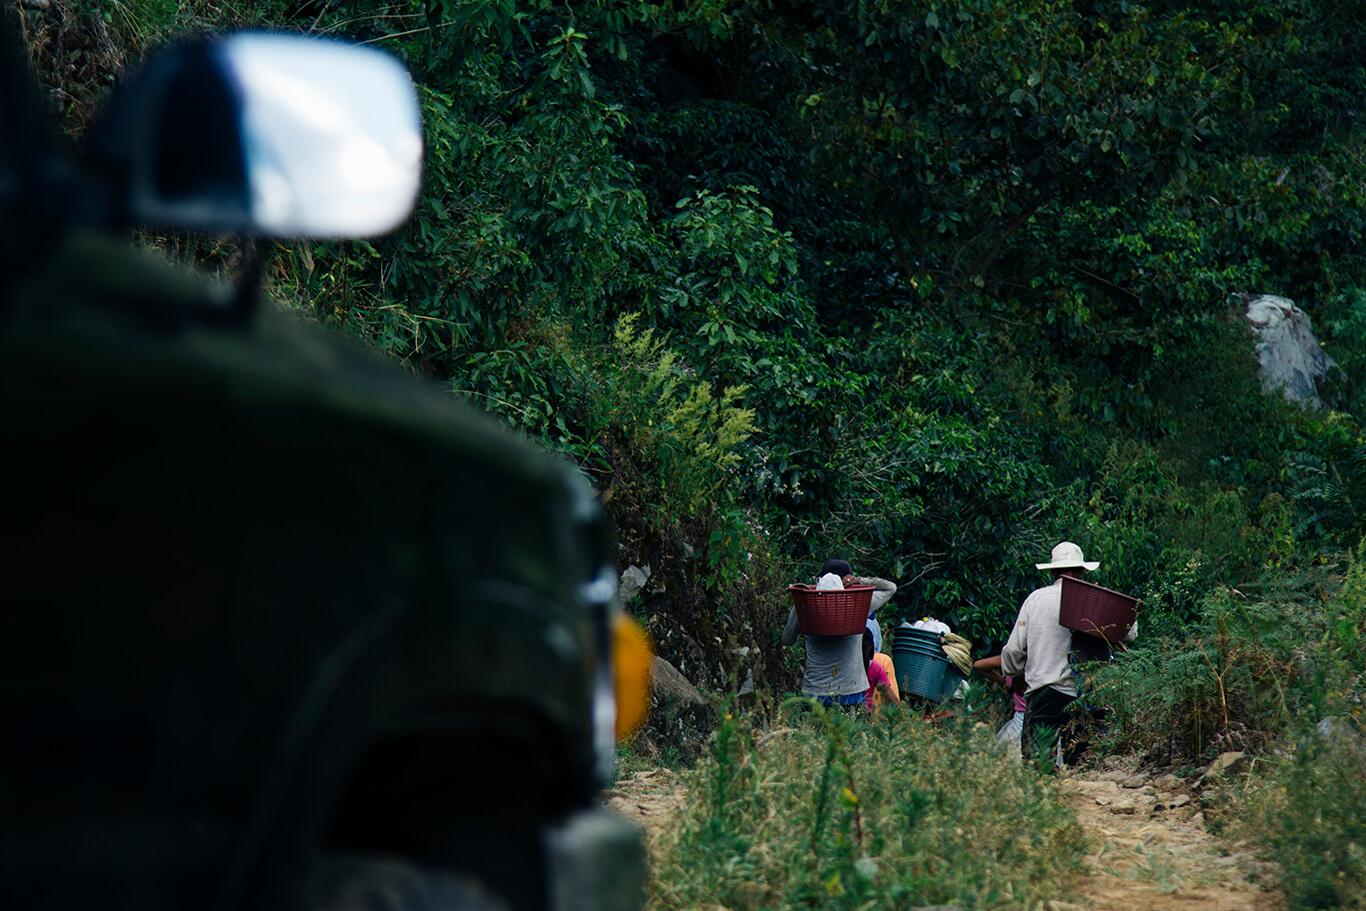 Los recolectores de café en la zona de San Pedro de Rivas de Pérez Zeledón son indígenas Borucas, habitantes de la zona o inmigrantes panameños.